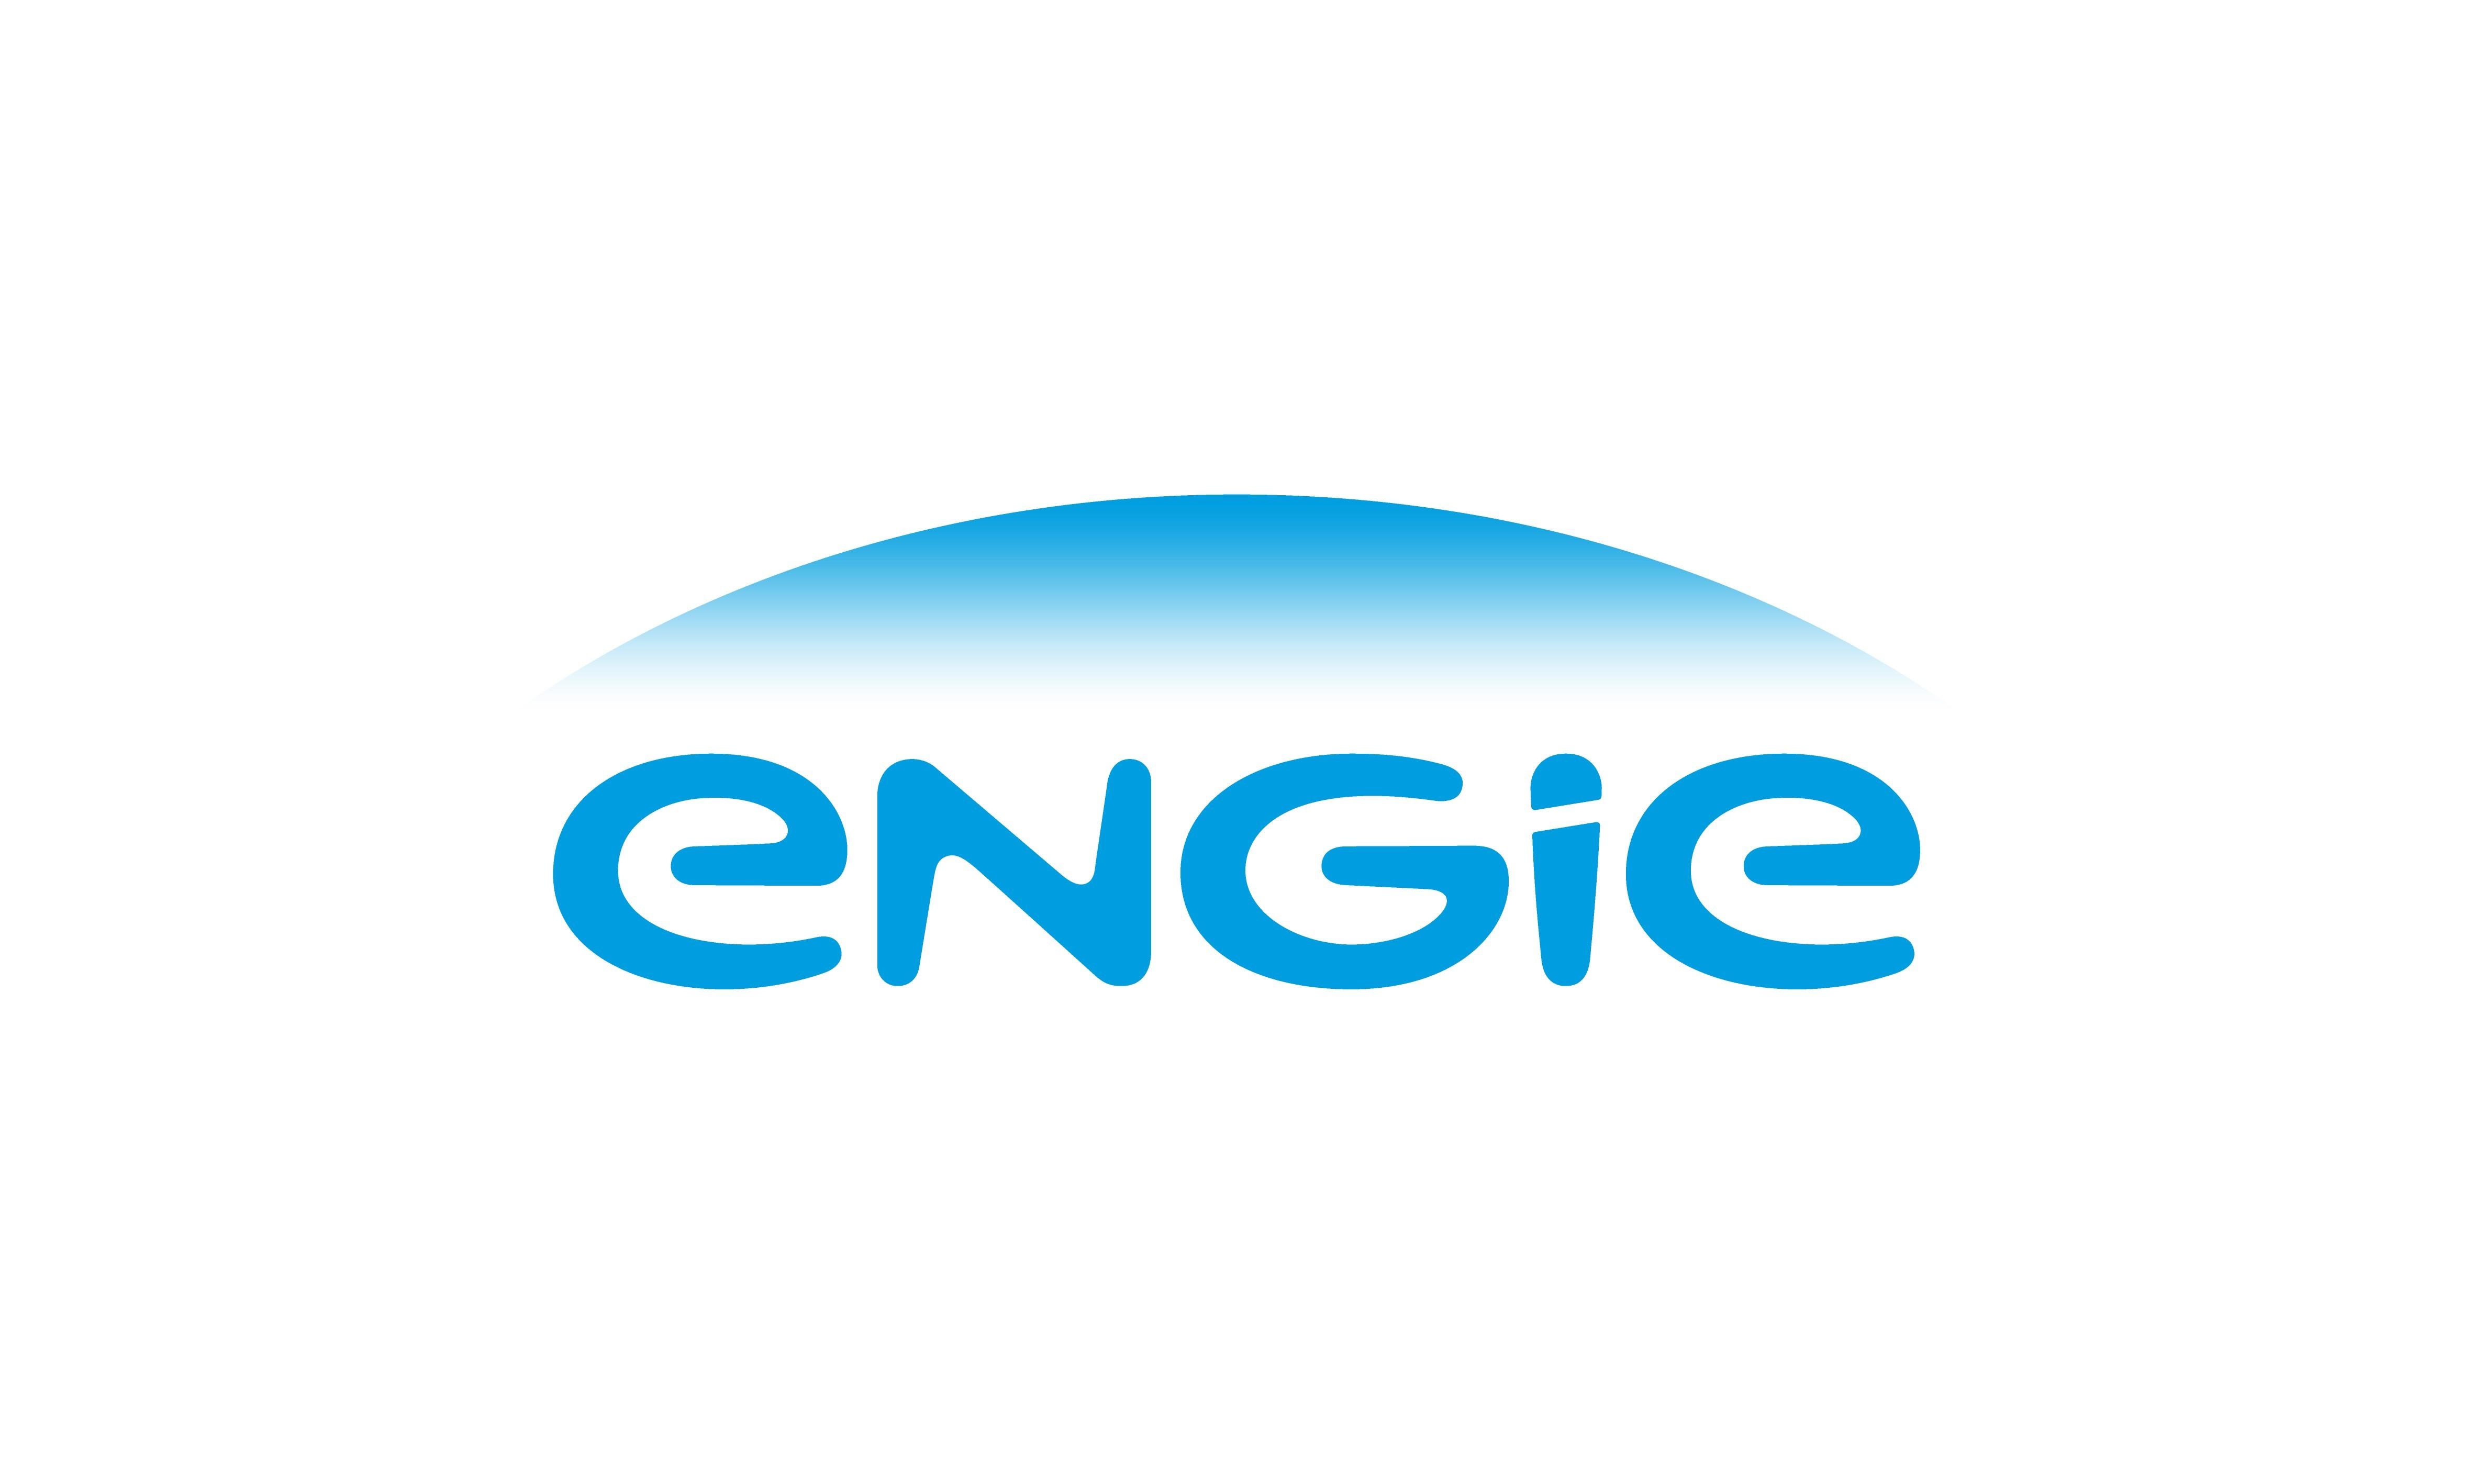 ENGIE Erwirbt Integrierte Ein Megawatt Batterie Eos AuroraR Von